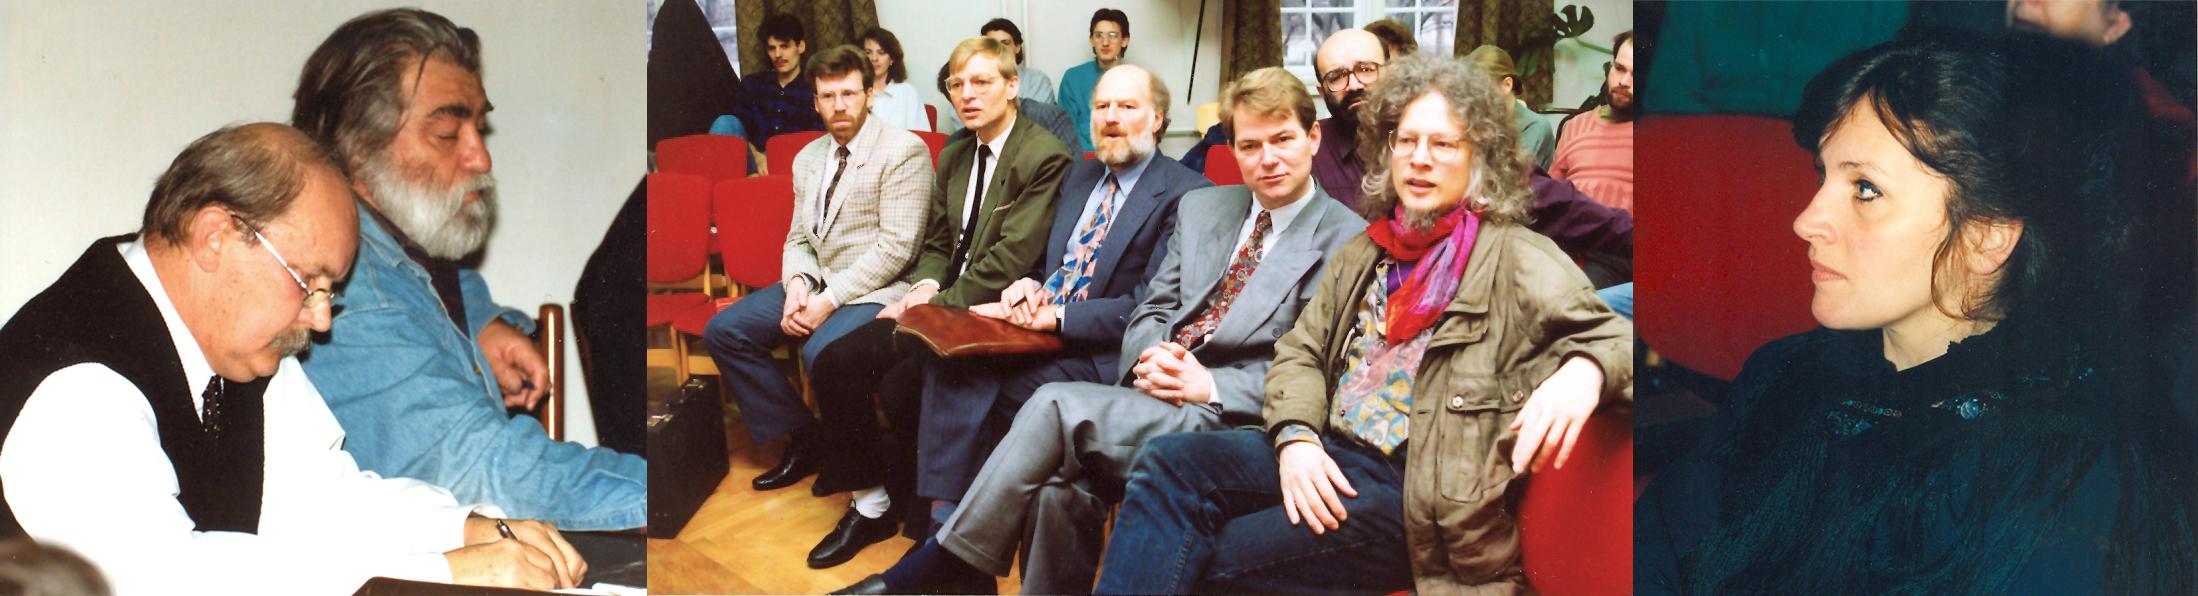 Egy emlékezetes konferencia a Vasfüggöny áttörésének atmoszférájában 1993-ban Makovecz Imre, Sára Sándor, Arild Mikkelsen (Norvégia), Ove Korsgaard (Dánia), Keith Jackson (Anglia), Kristian Kjær Nielsen (Dánia), Henning Eichberg (Dánia), Rónai Judit